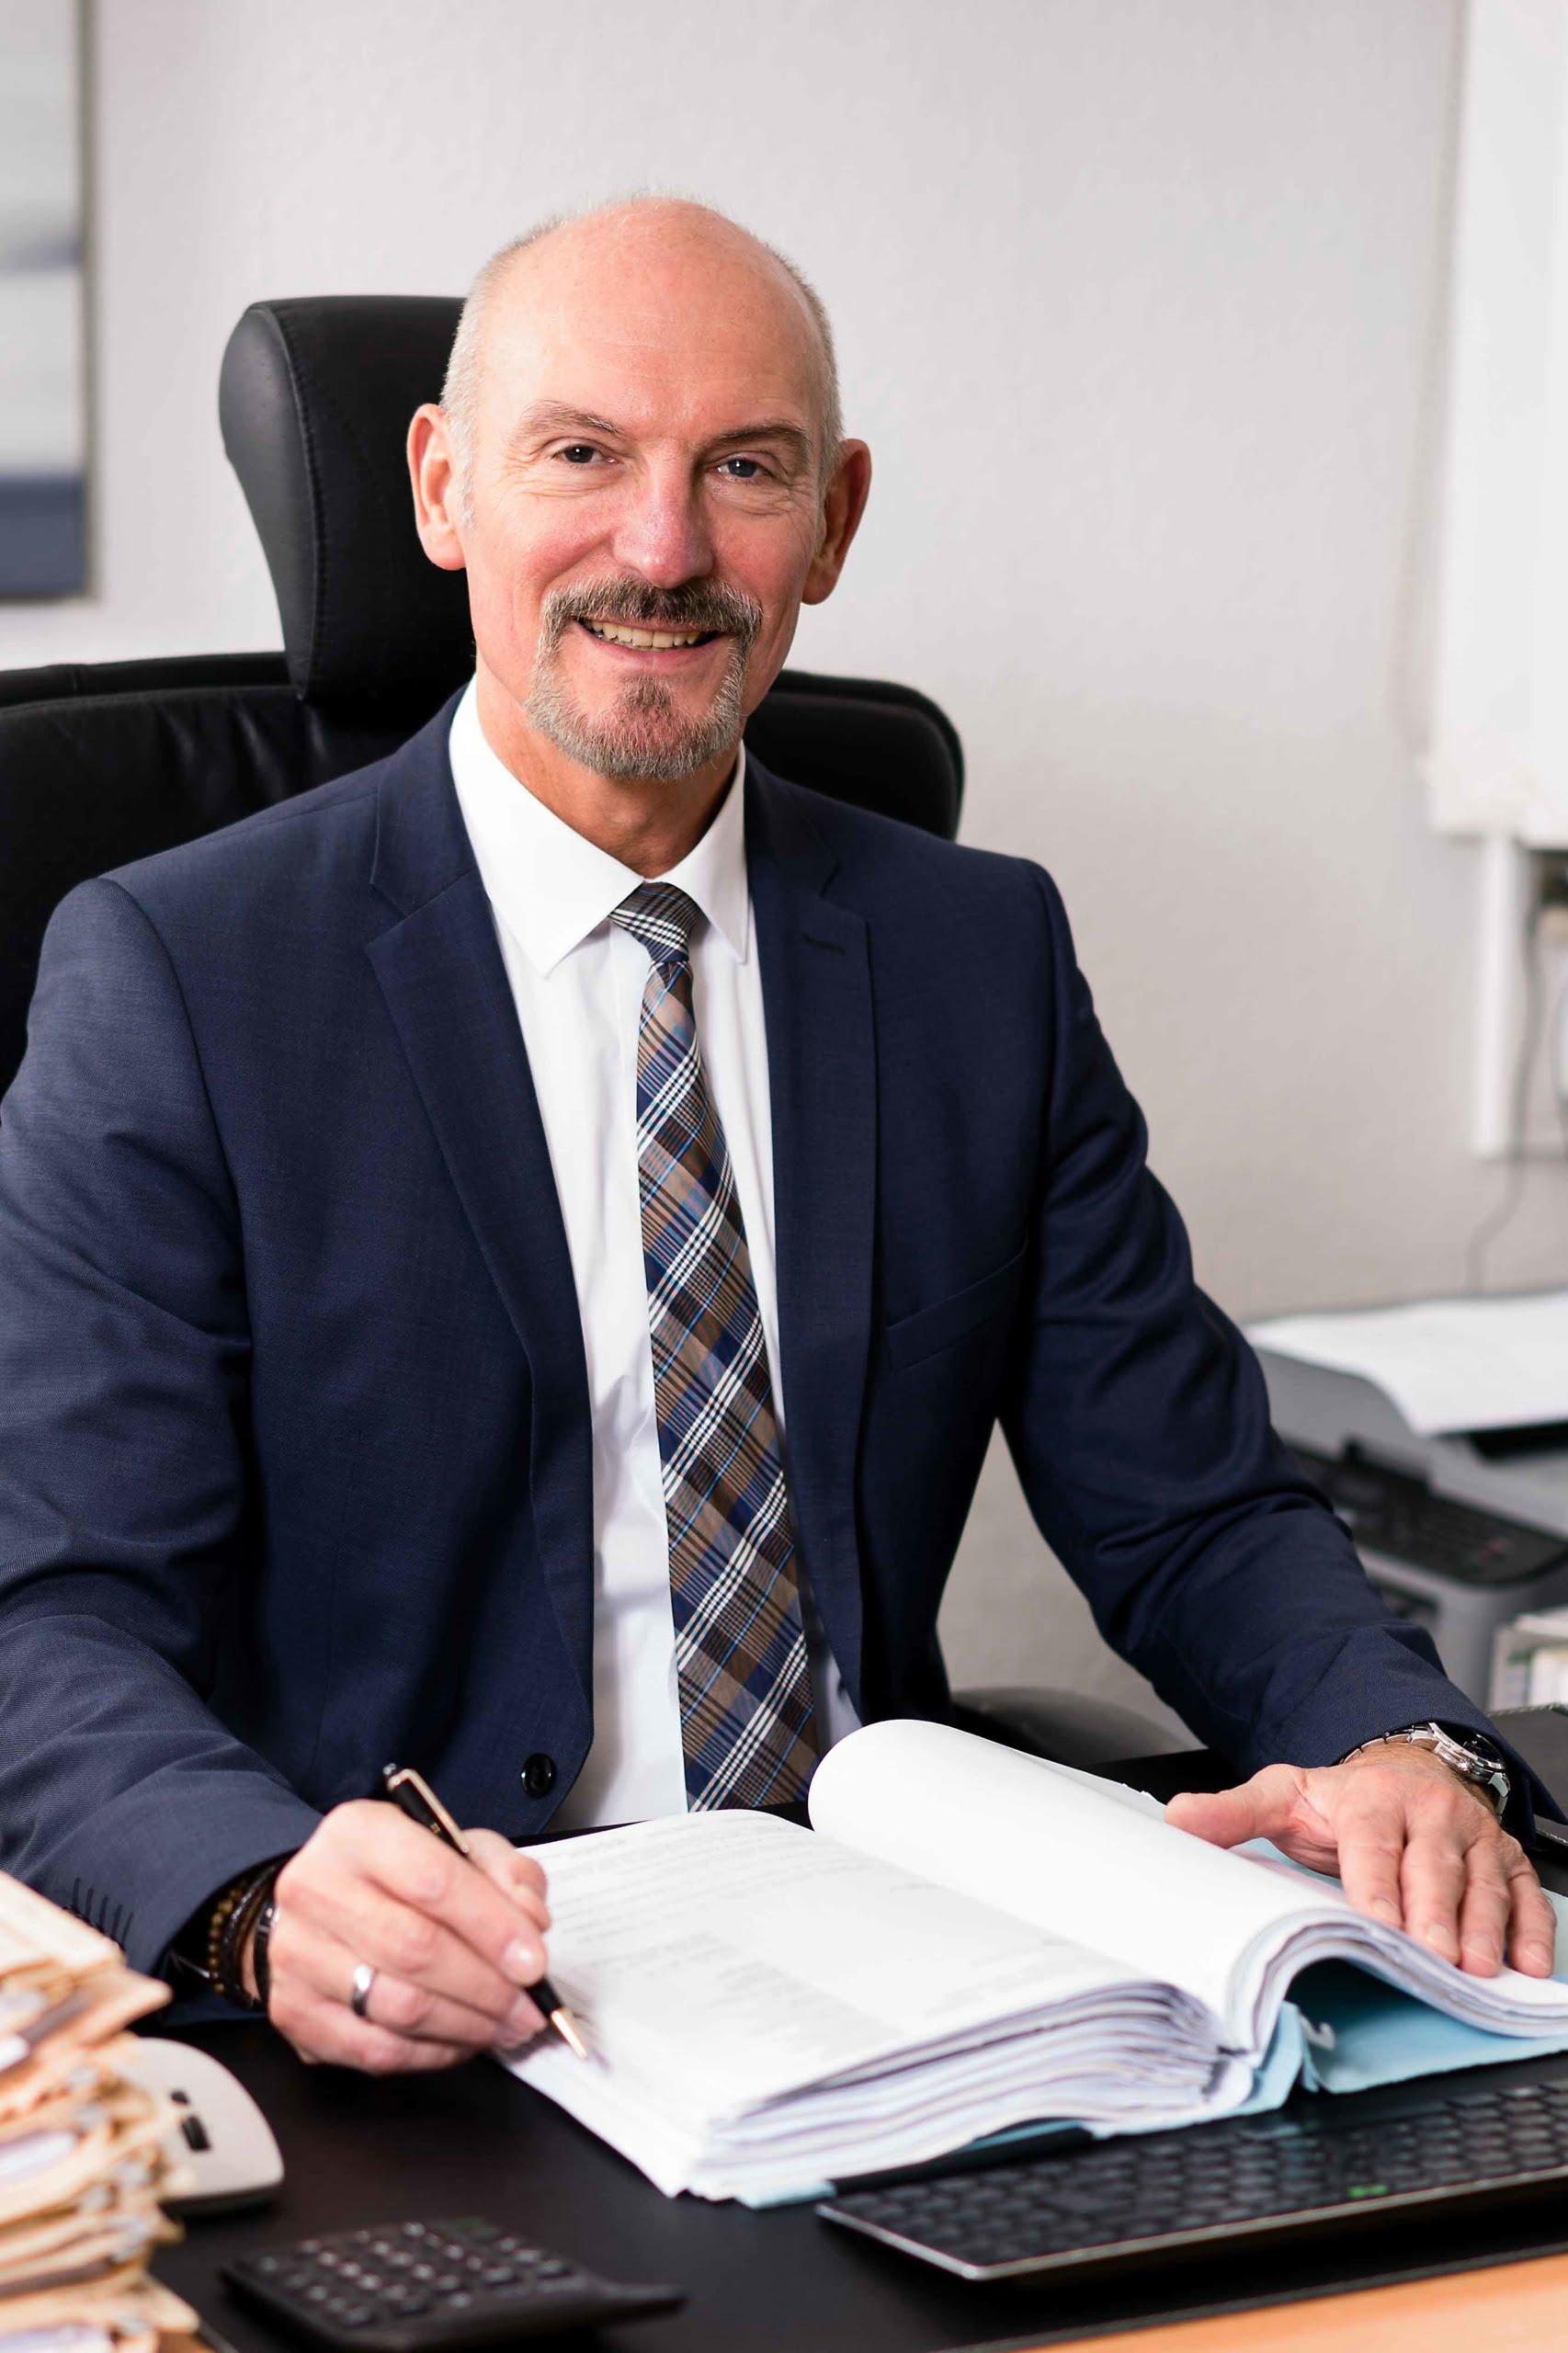 Christian Dieckmann